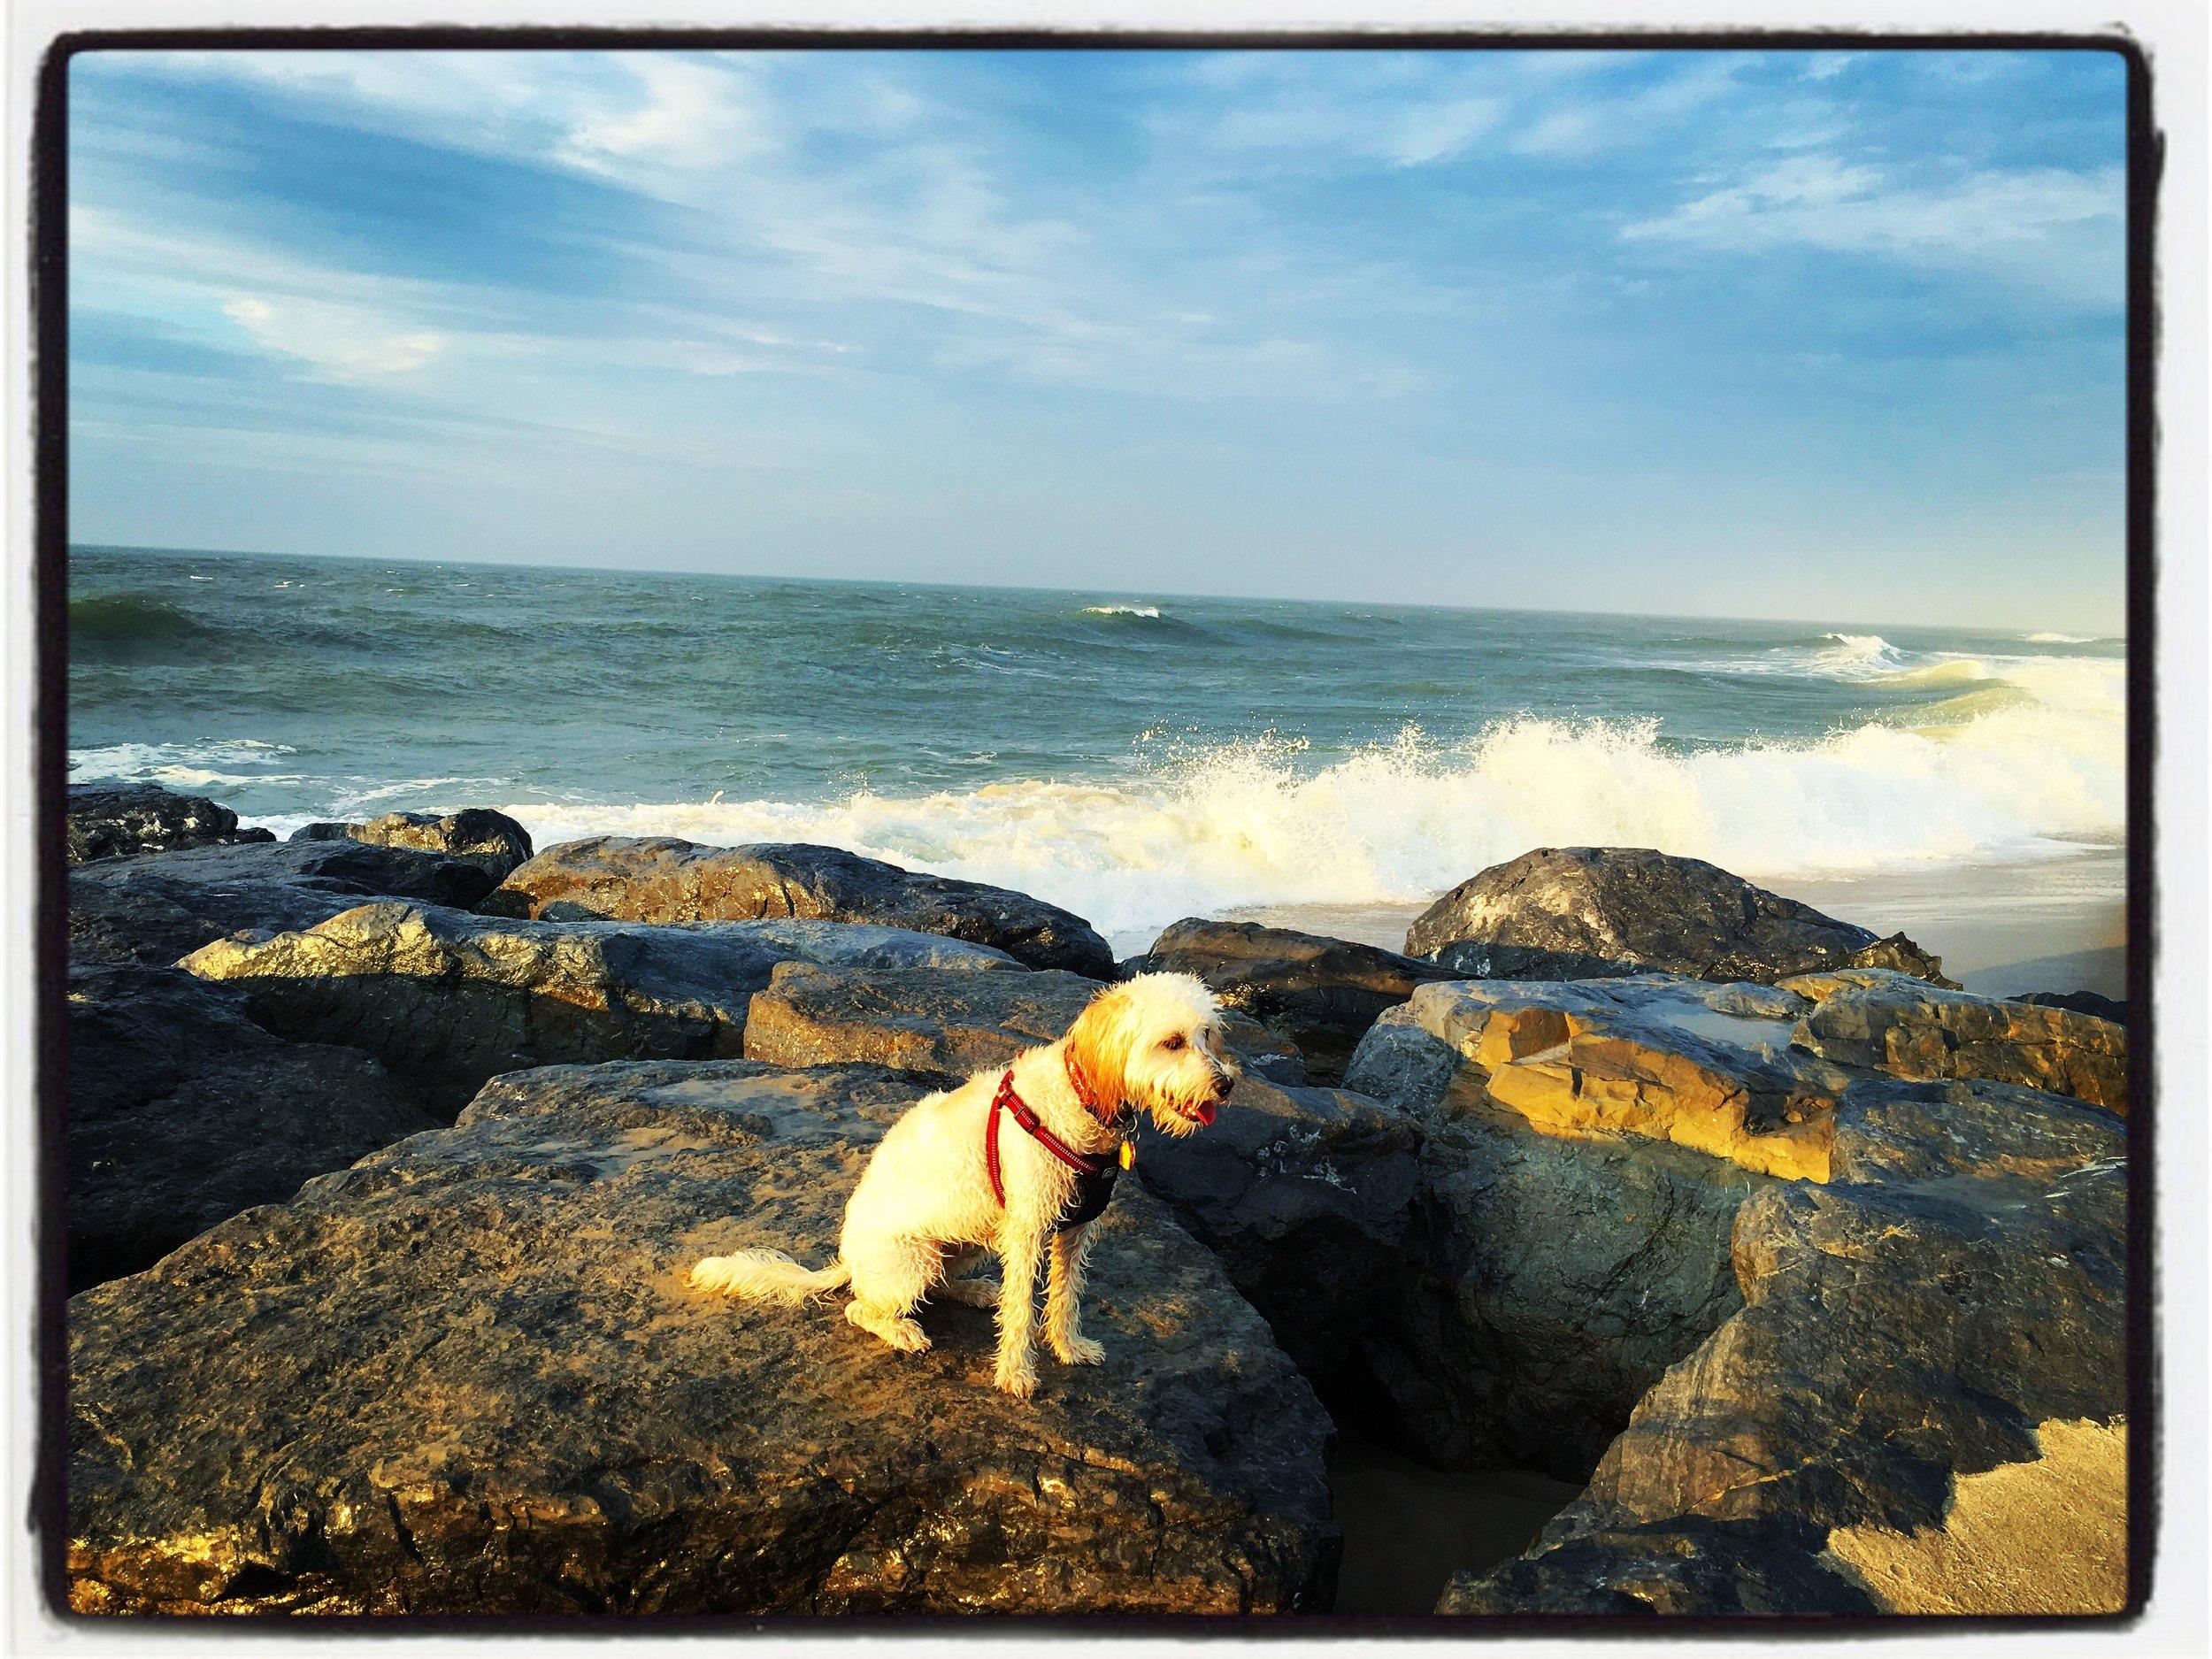 Golden Light: Allie loves rocks. I love Allie on rocks. This photo makes me happy!